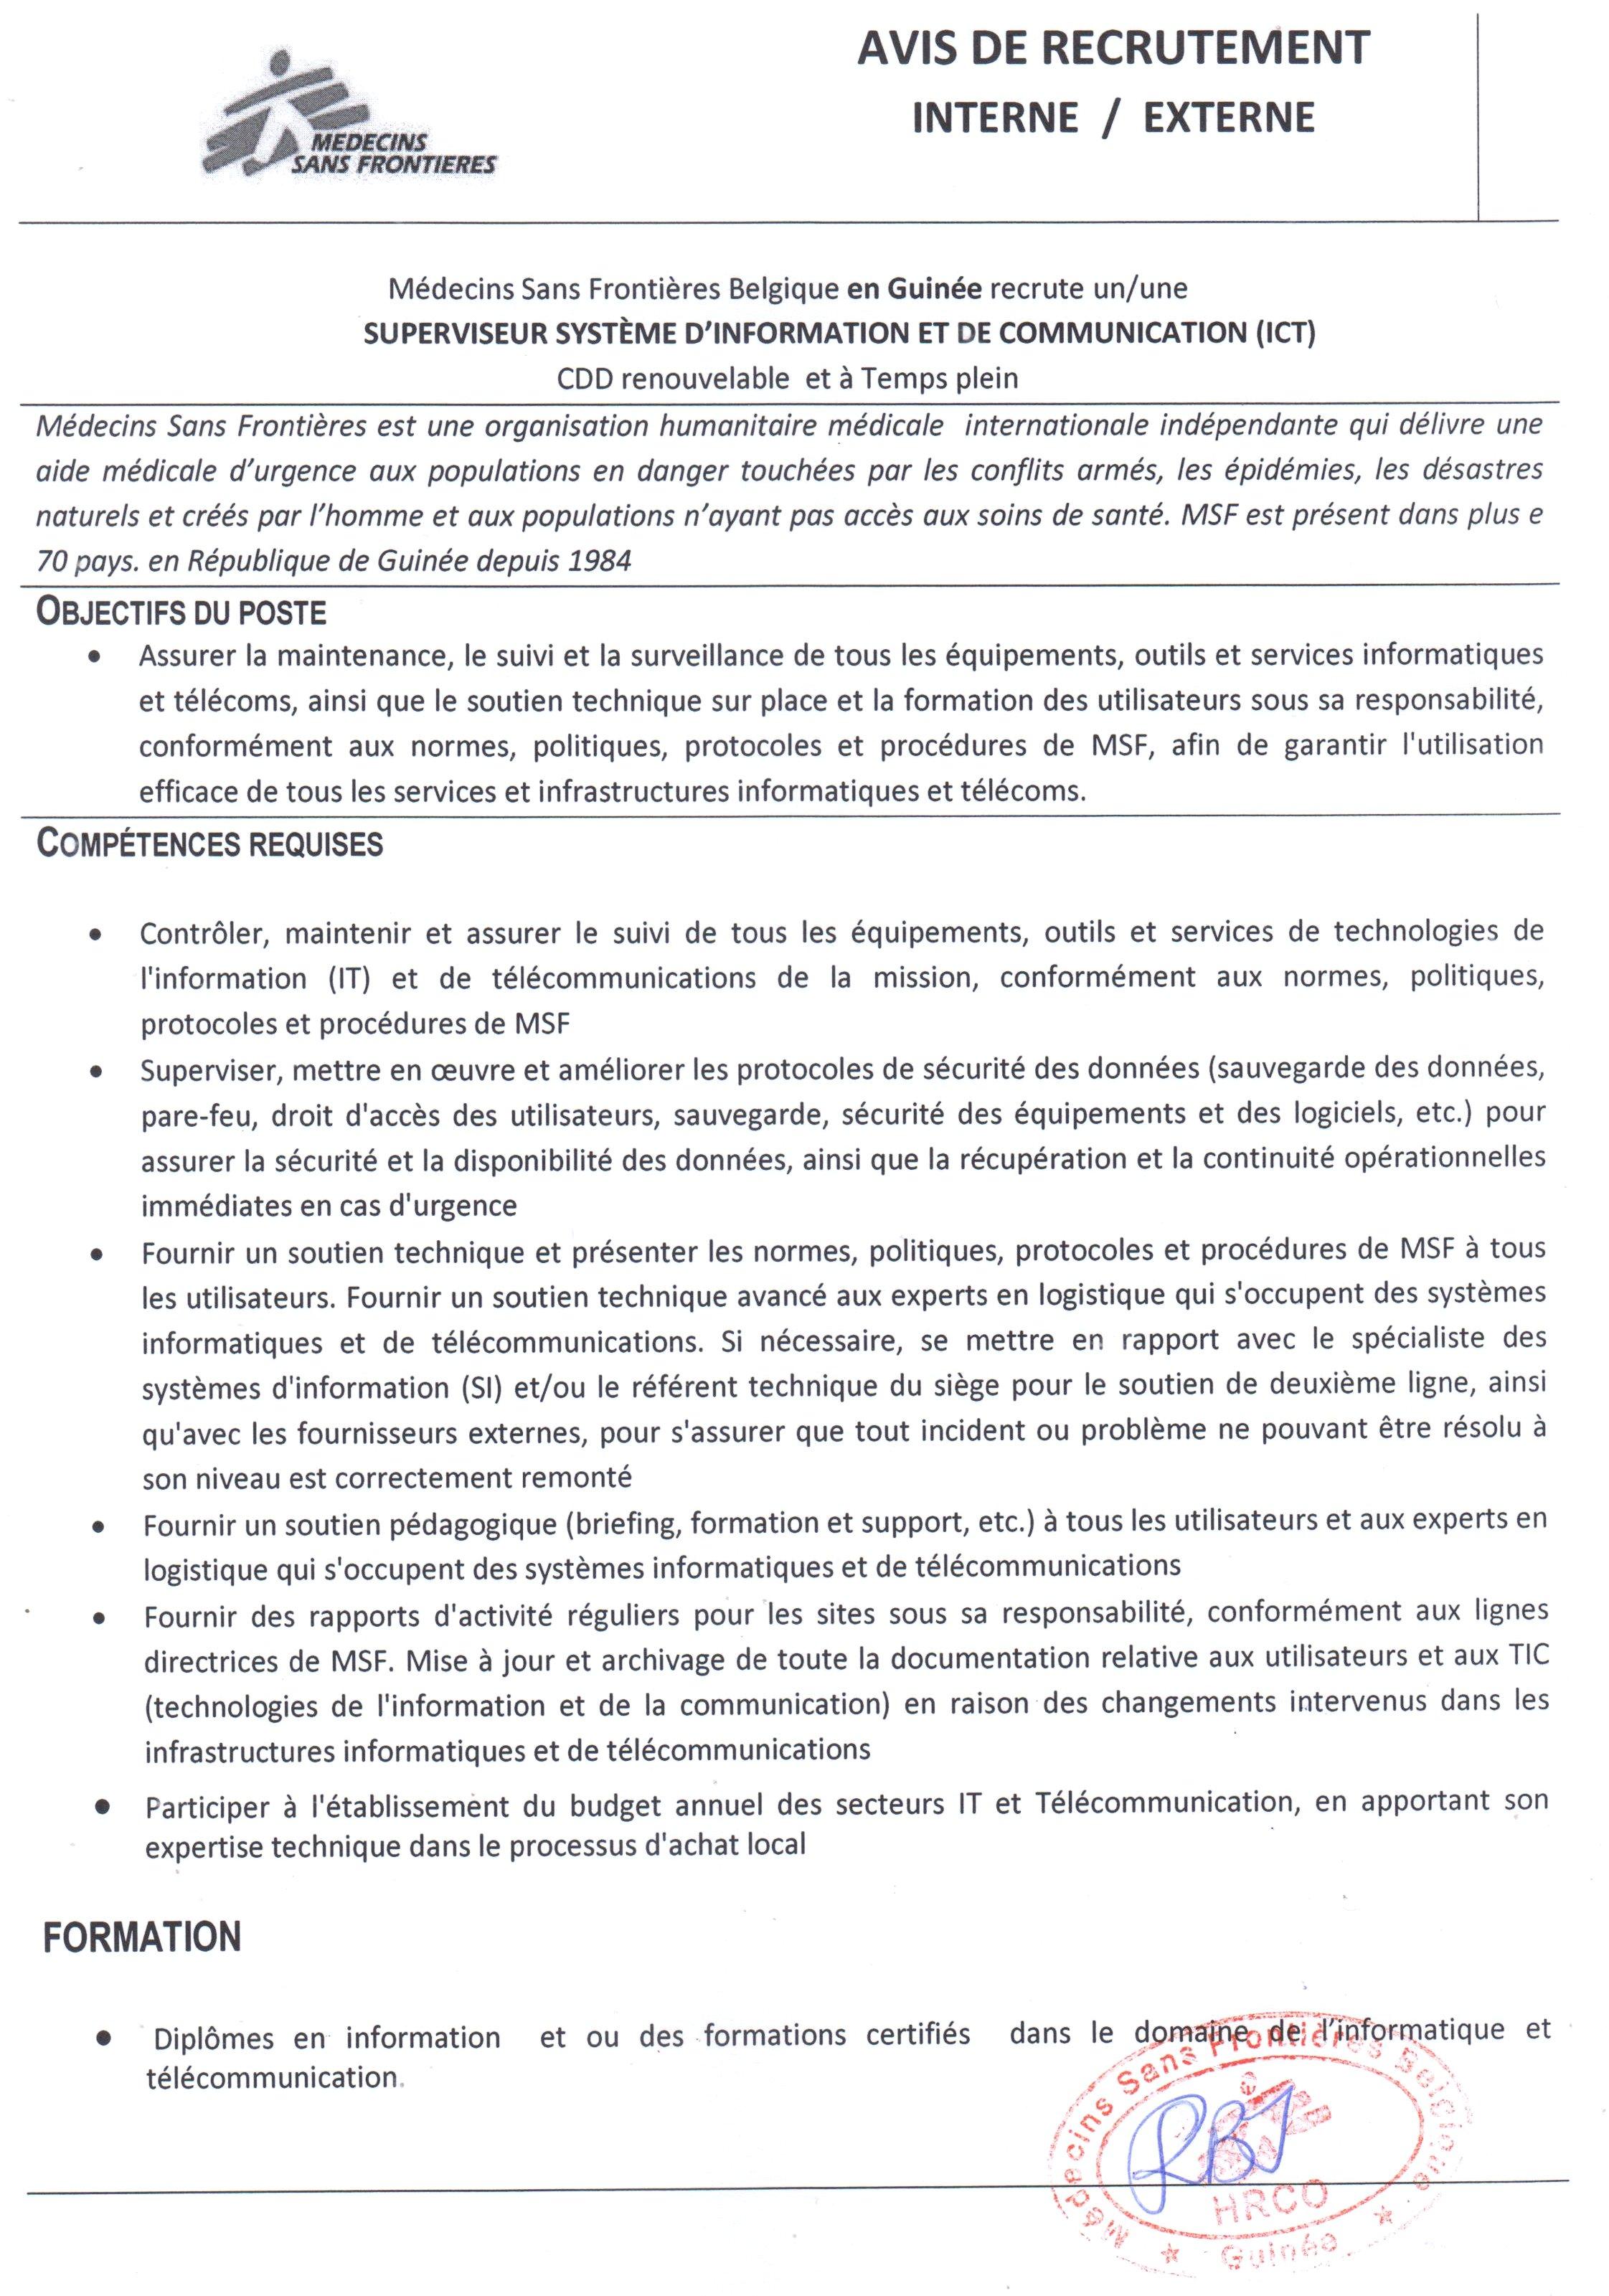 Recrutement d'Un Superviseur Système d'Information et de Communication (ICT) - medecin sans frontière page : 1